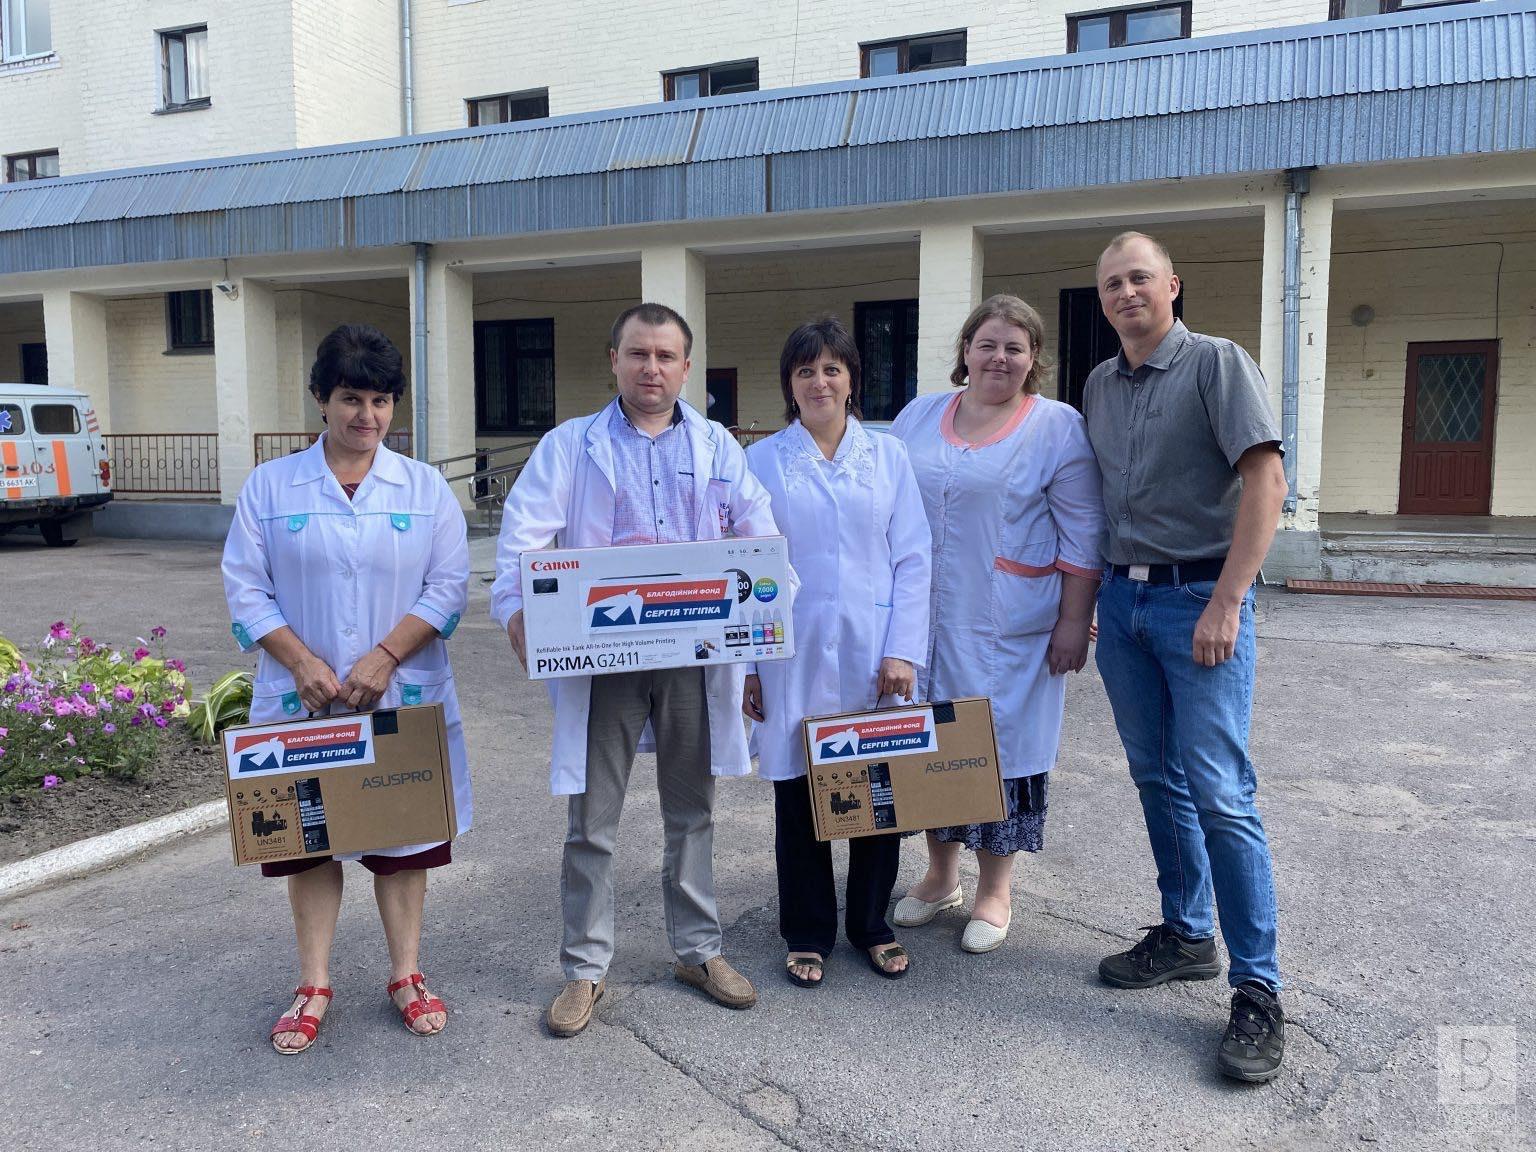 «Допомога медицині – наш пріоритет» – Благодійний фонд Сергія Тігіпка